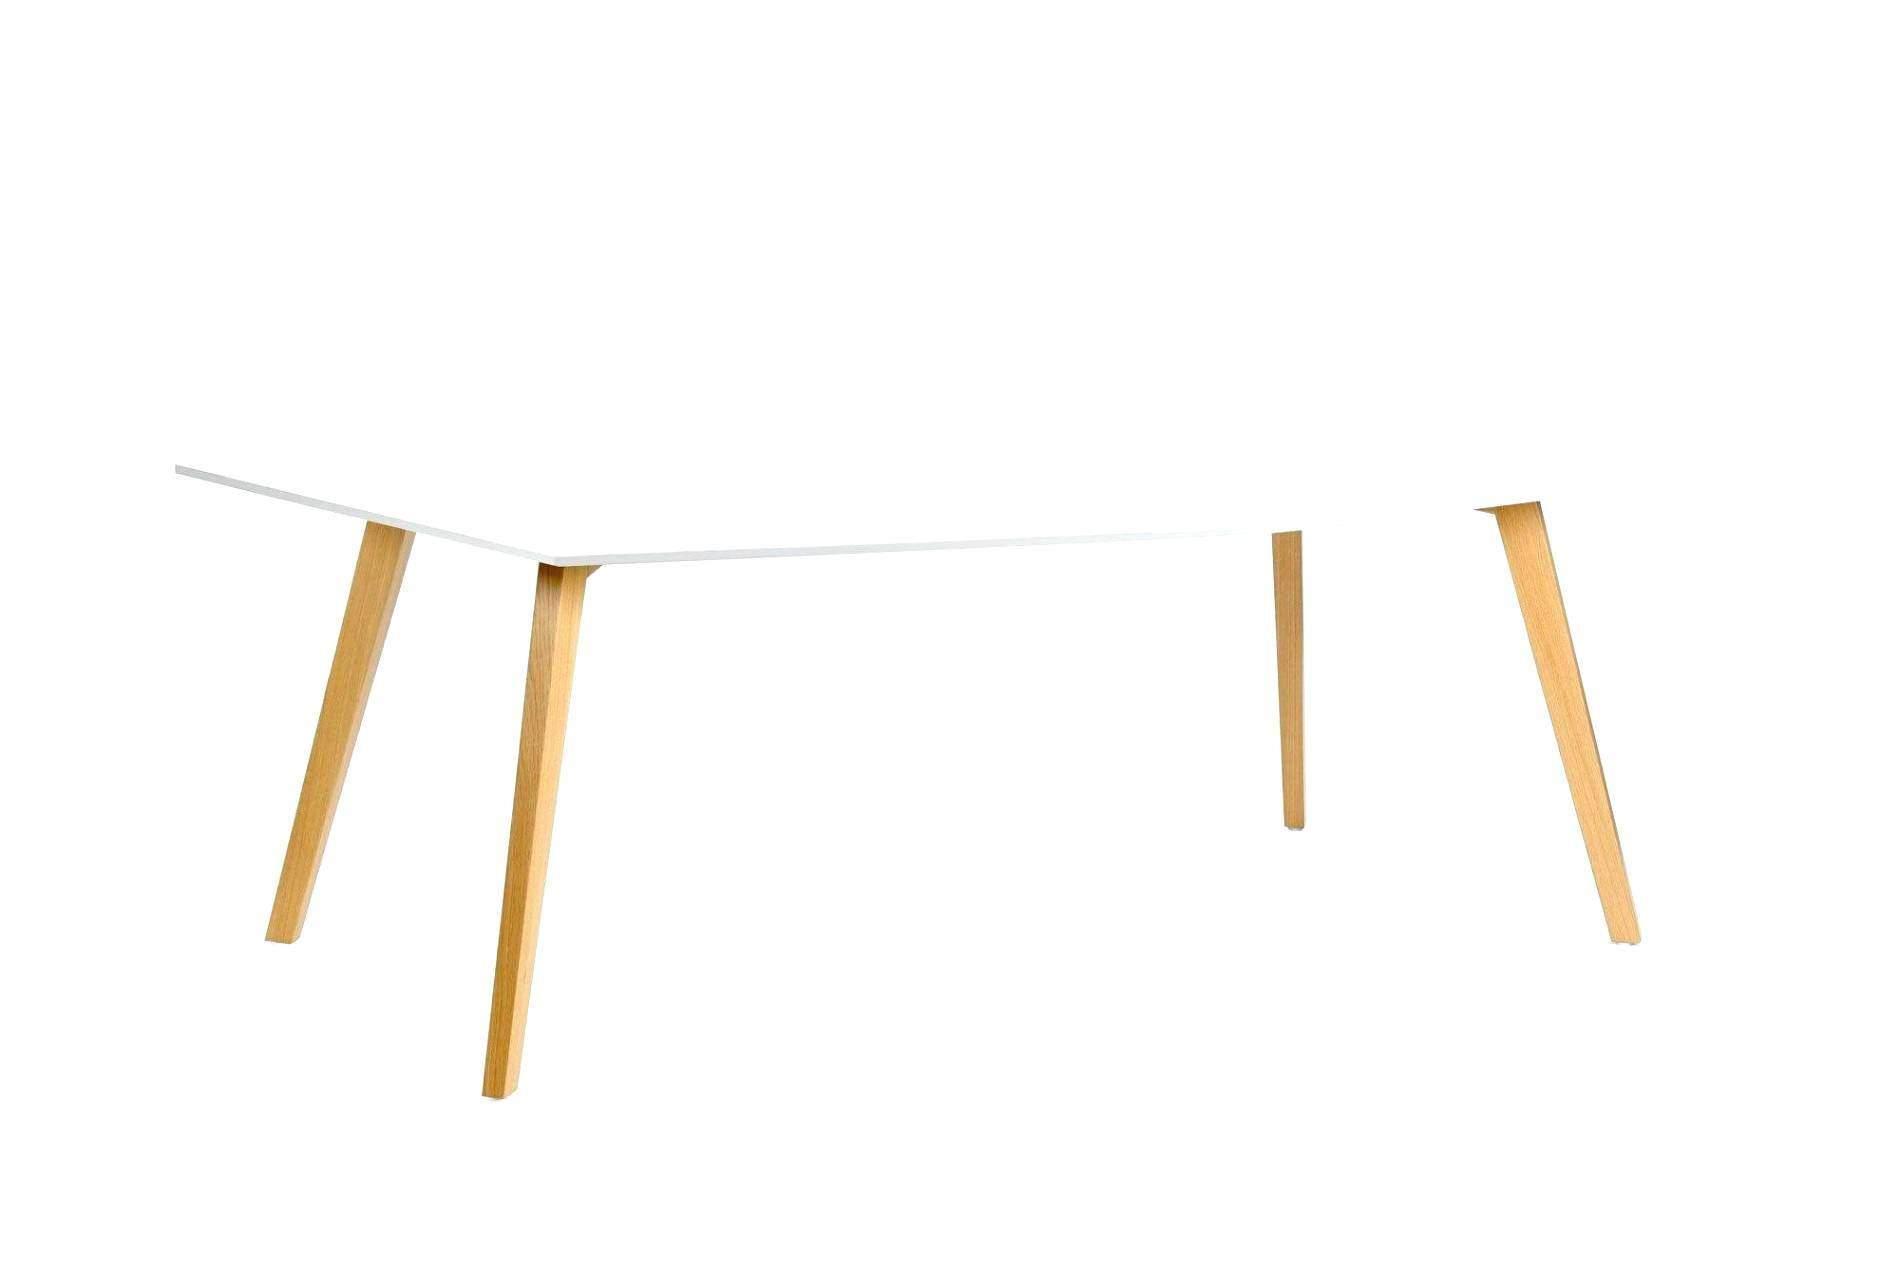 Full Size of Venjakob Esstisch Wohnzimmer Das Beste Von Elegant 120x80 Kleiner Weiß Massivholz Ausziehbar Moderne Esstische Mit Stühlen Pendelleuchte Glas Shabby Esstische Venjakob Esstisch